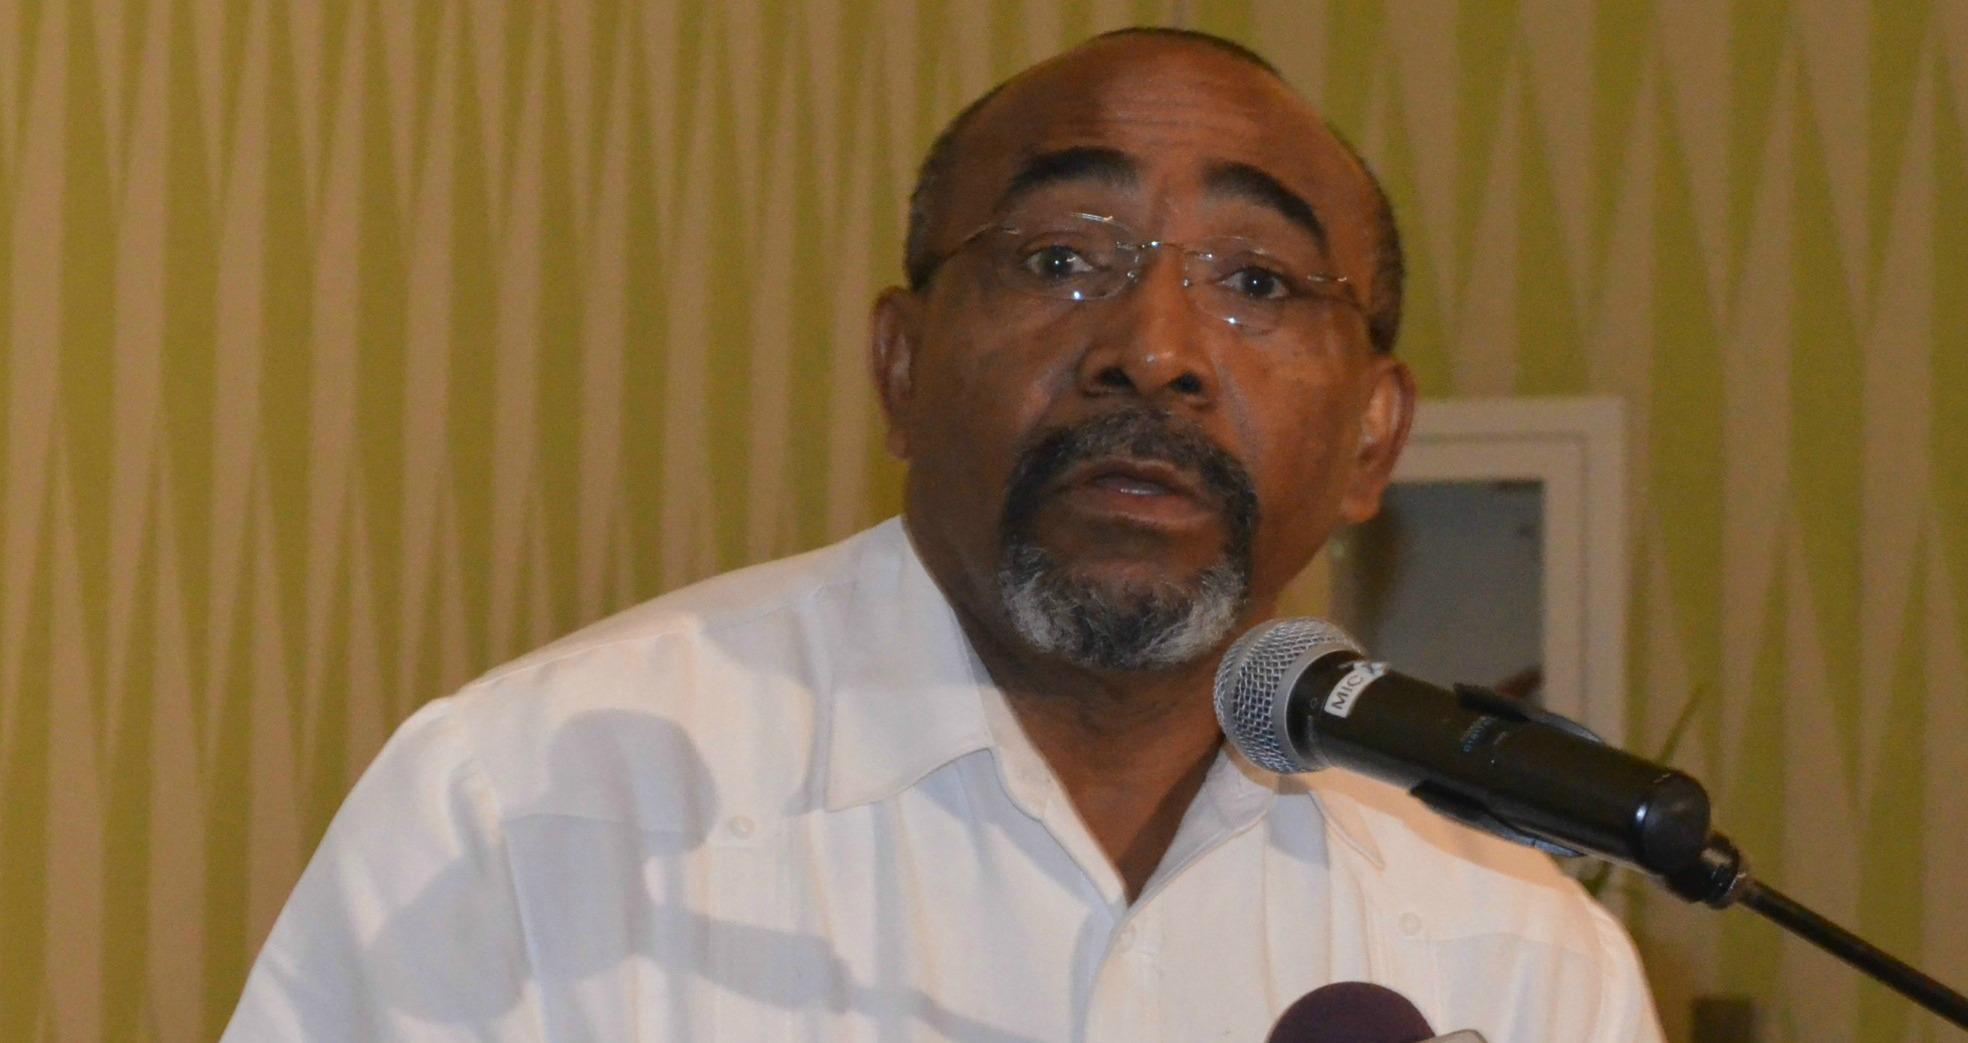 Telecommunications Minister, Senator Darcy Boyce